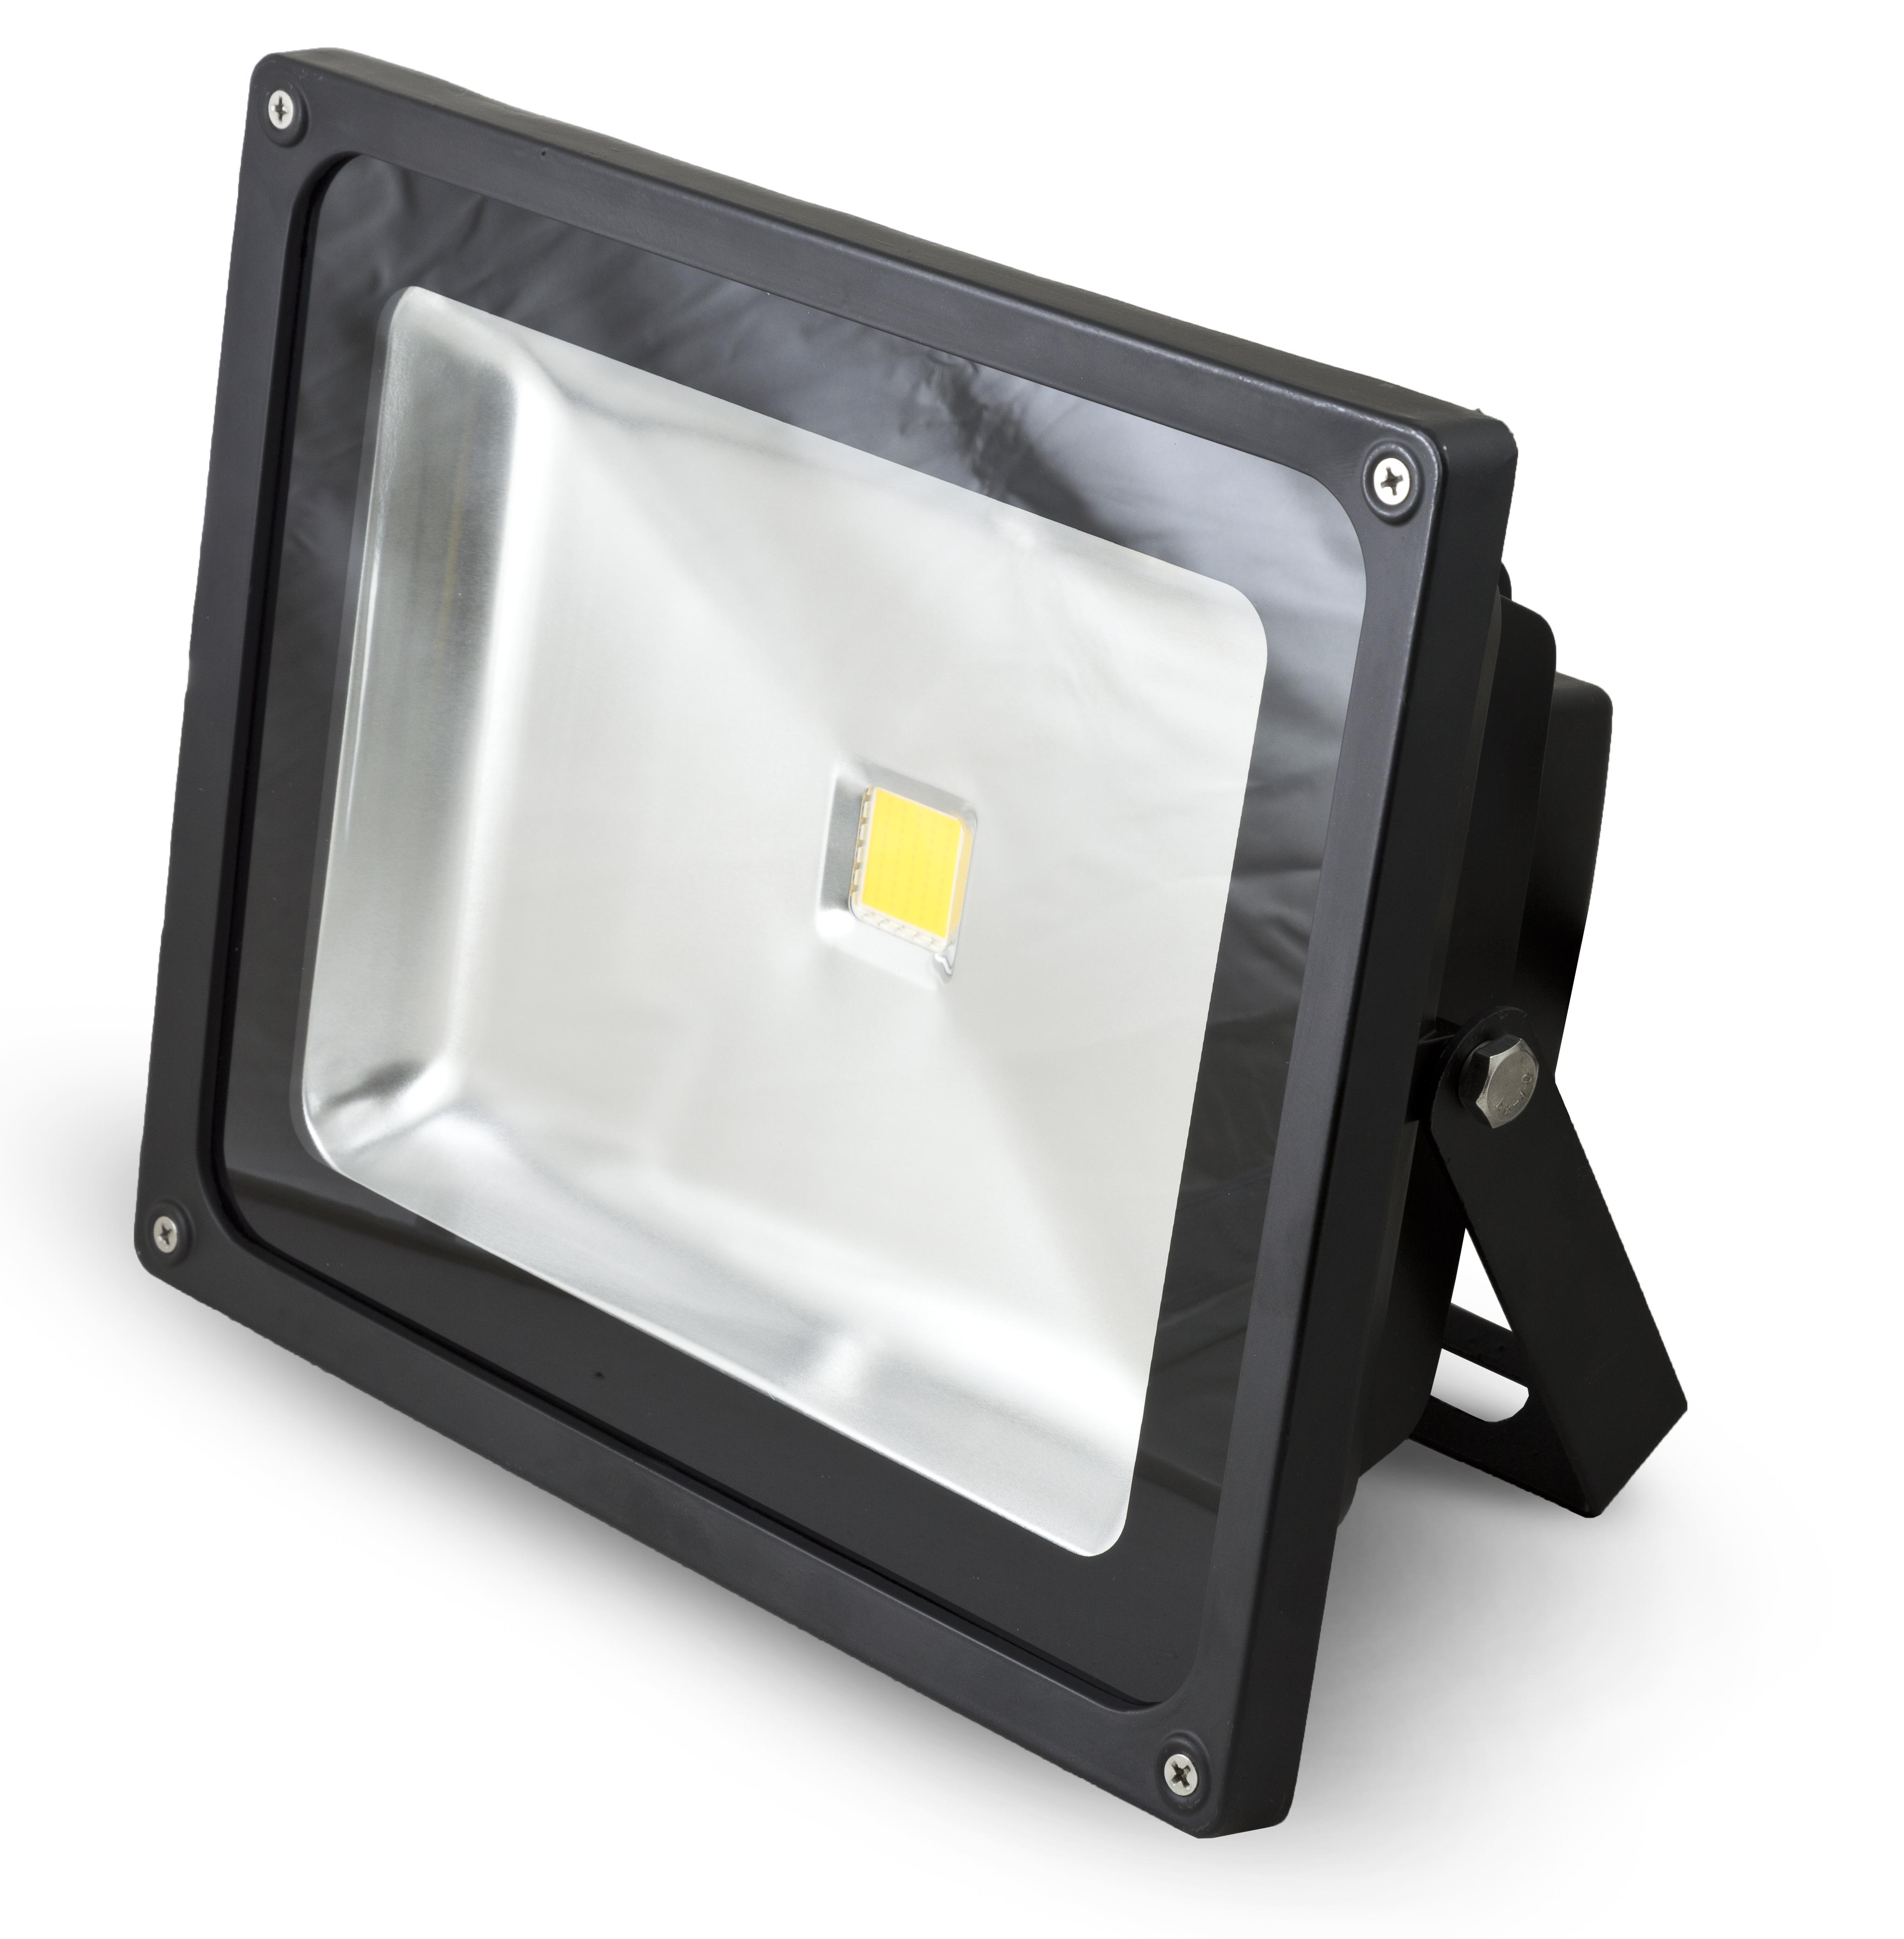 Reflektor G21 LED 50W teplá bílá, 3517lm - černý